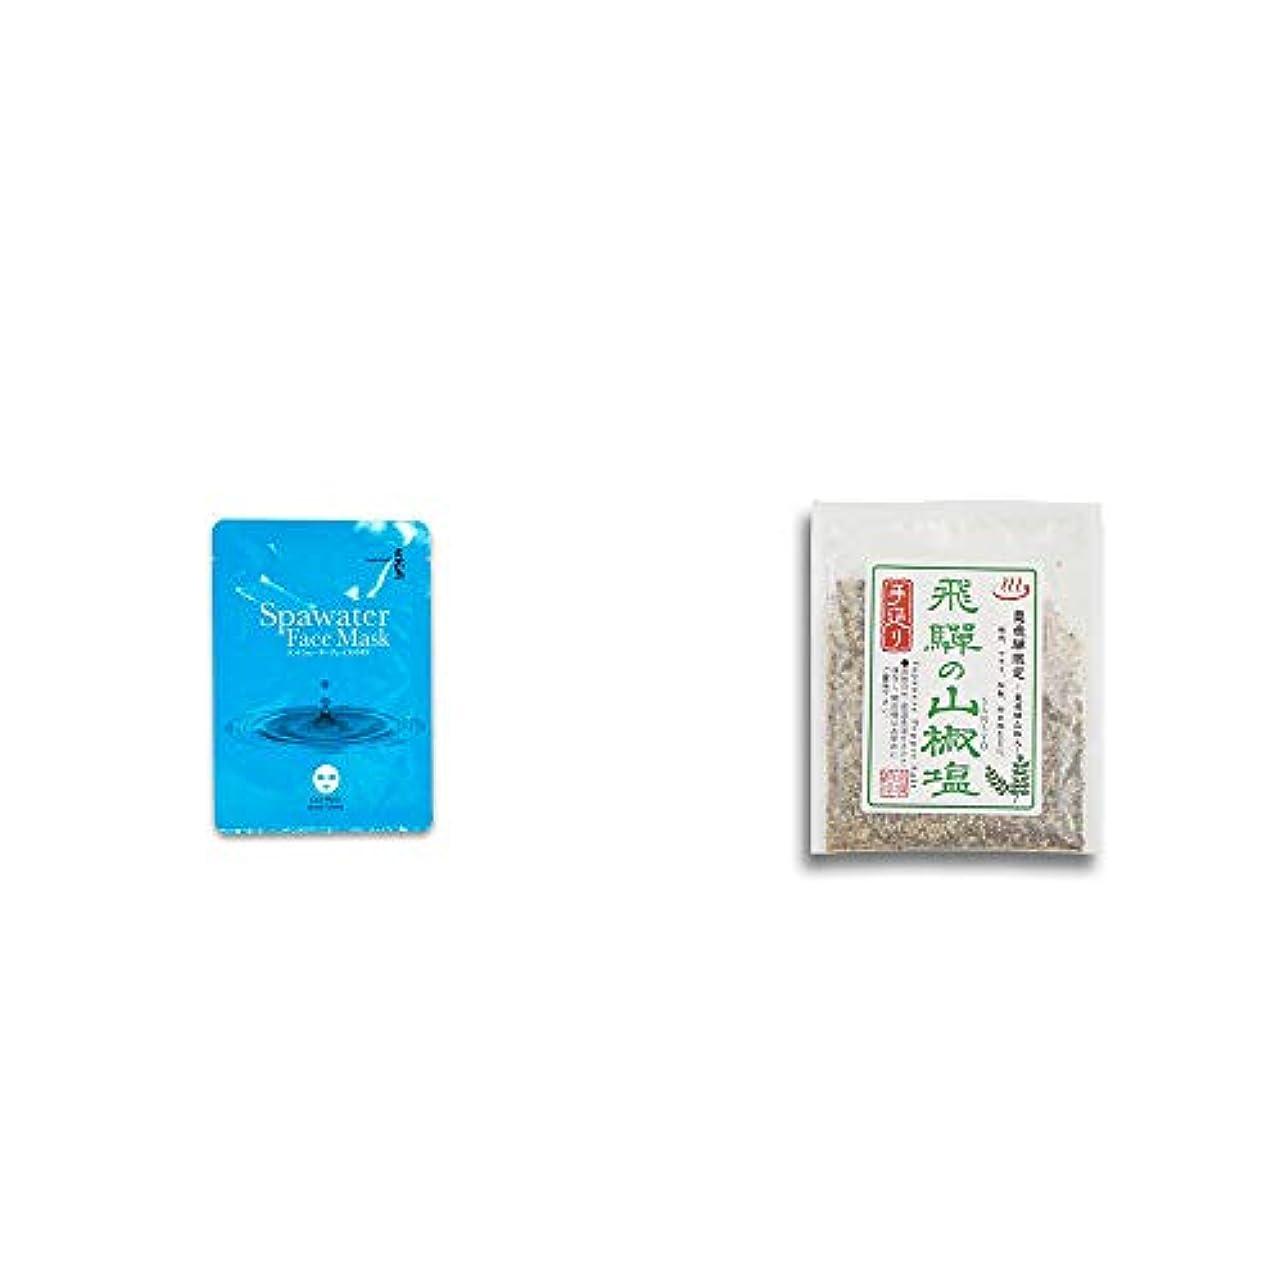 和解する緩む回路[2点セット] ひのき炭黒泉 スパウォーターフェイスマスク(18ml×3枚入)?手造り 飛騨の山椒塩(40g)